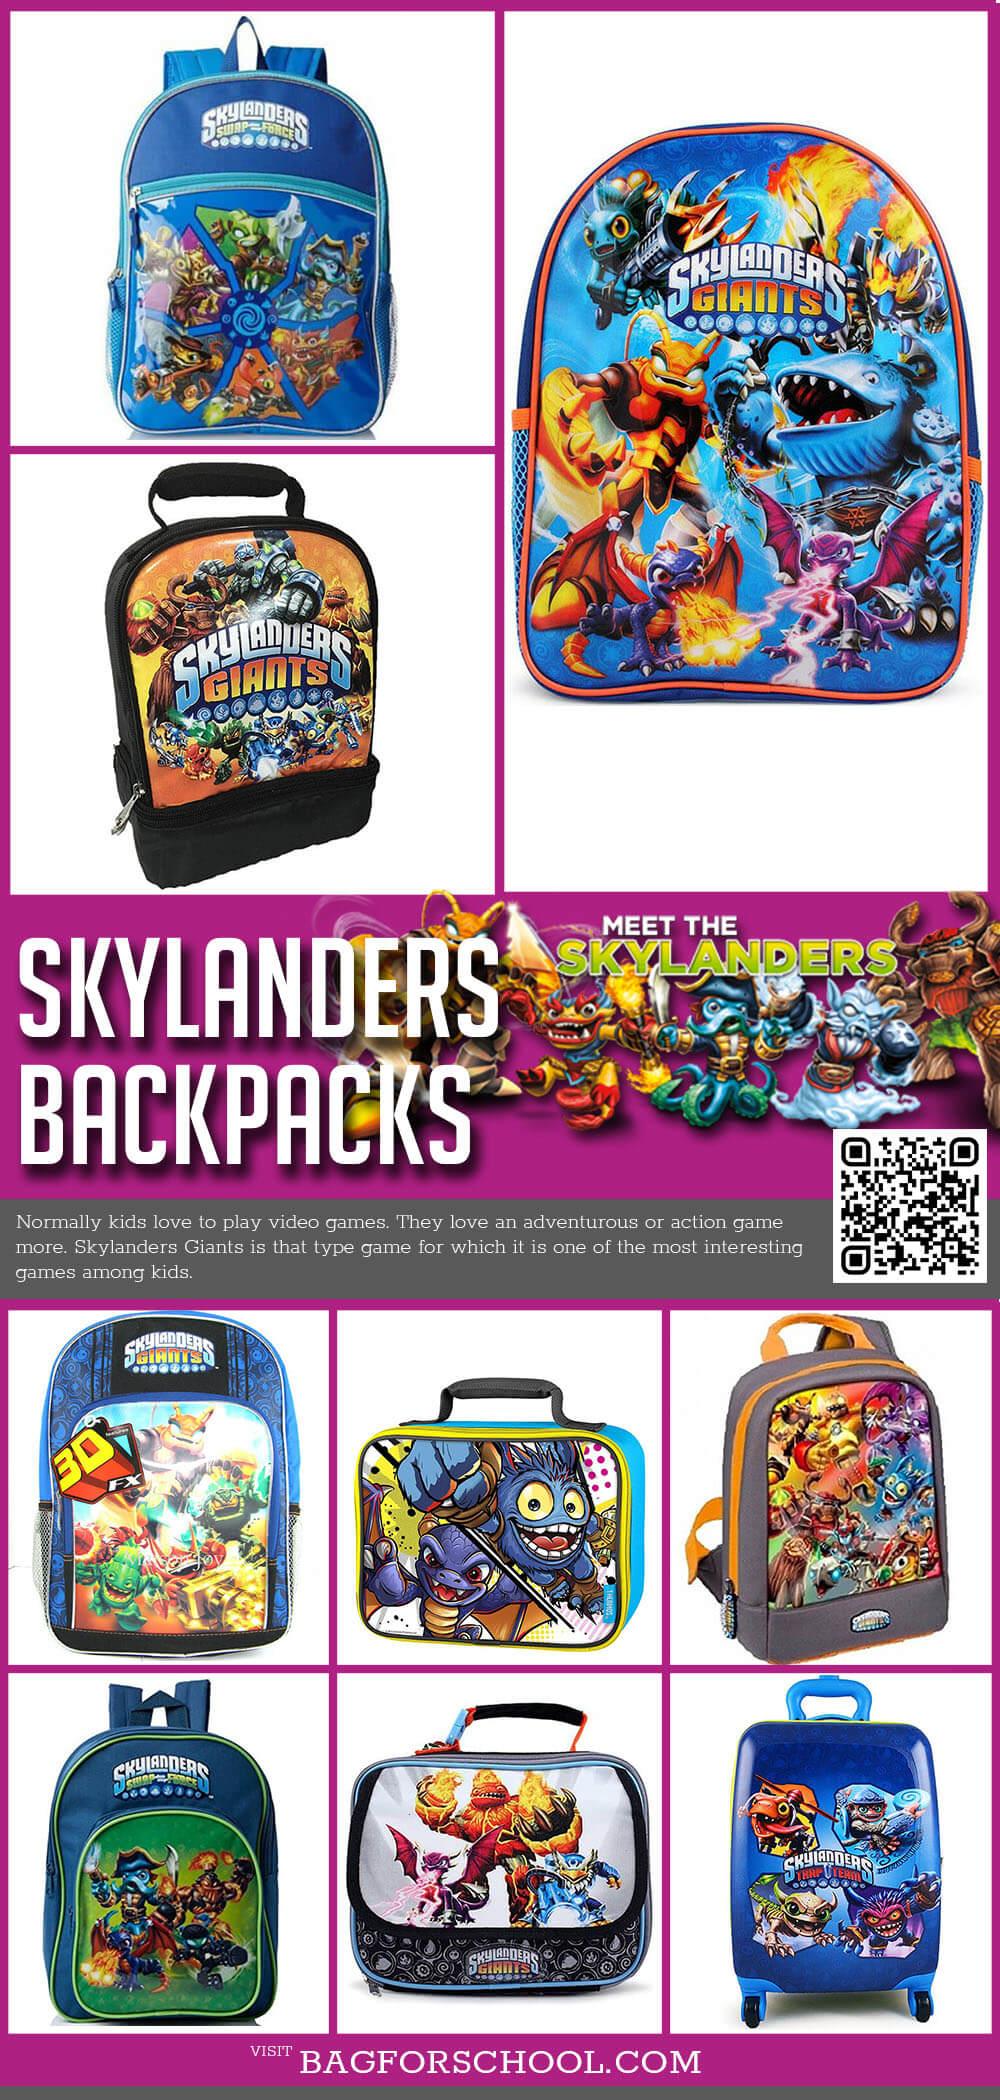 Skylanders Giants Backpacks